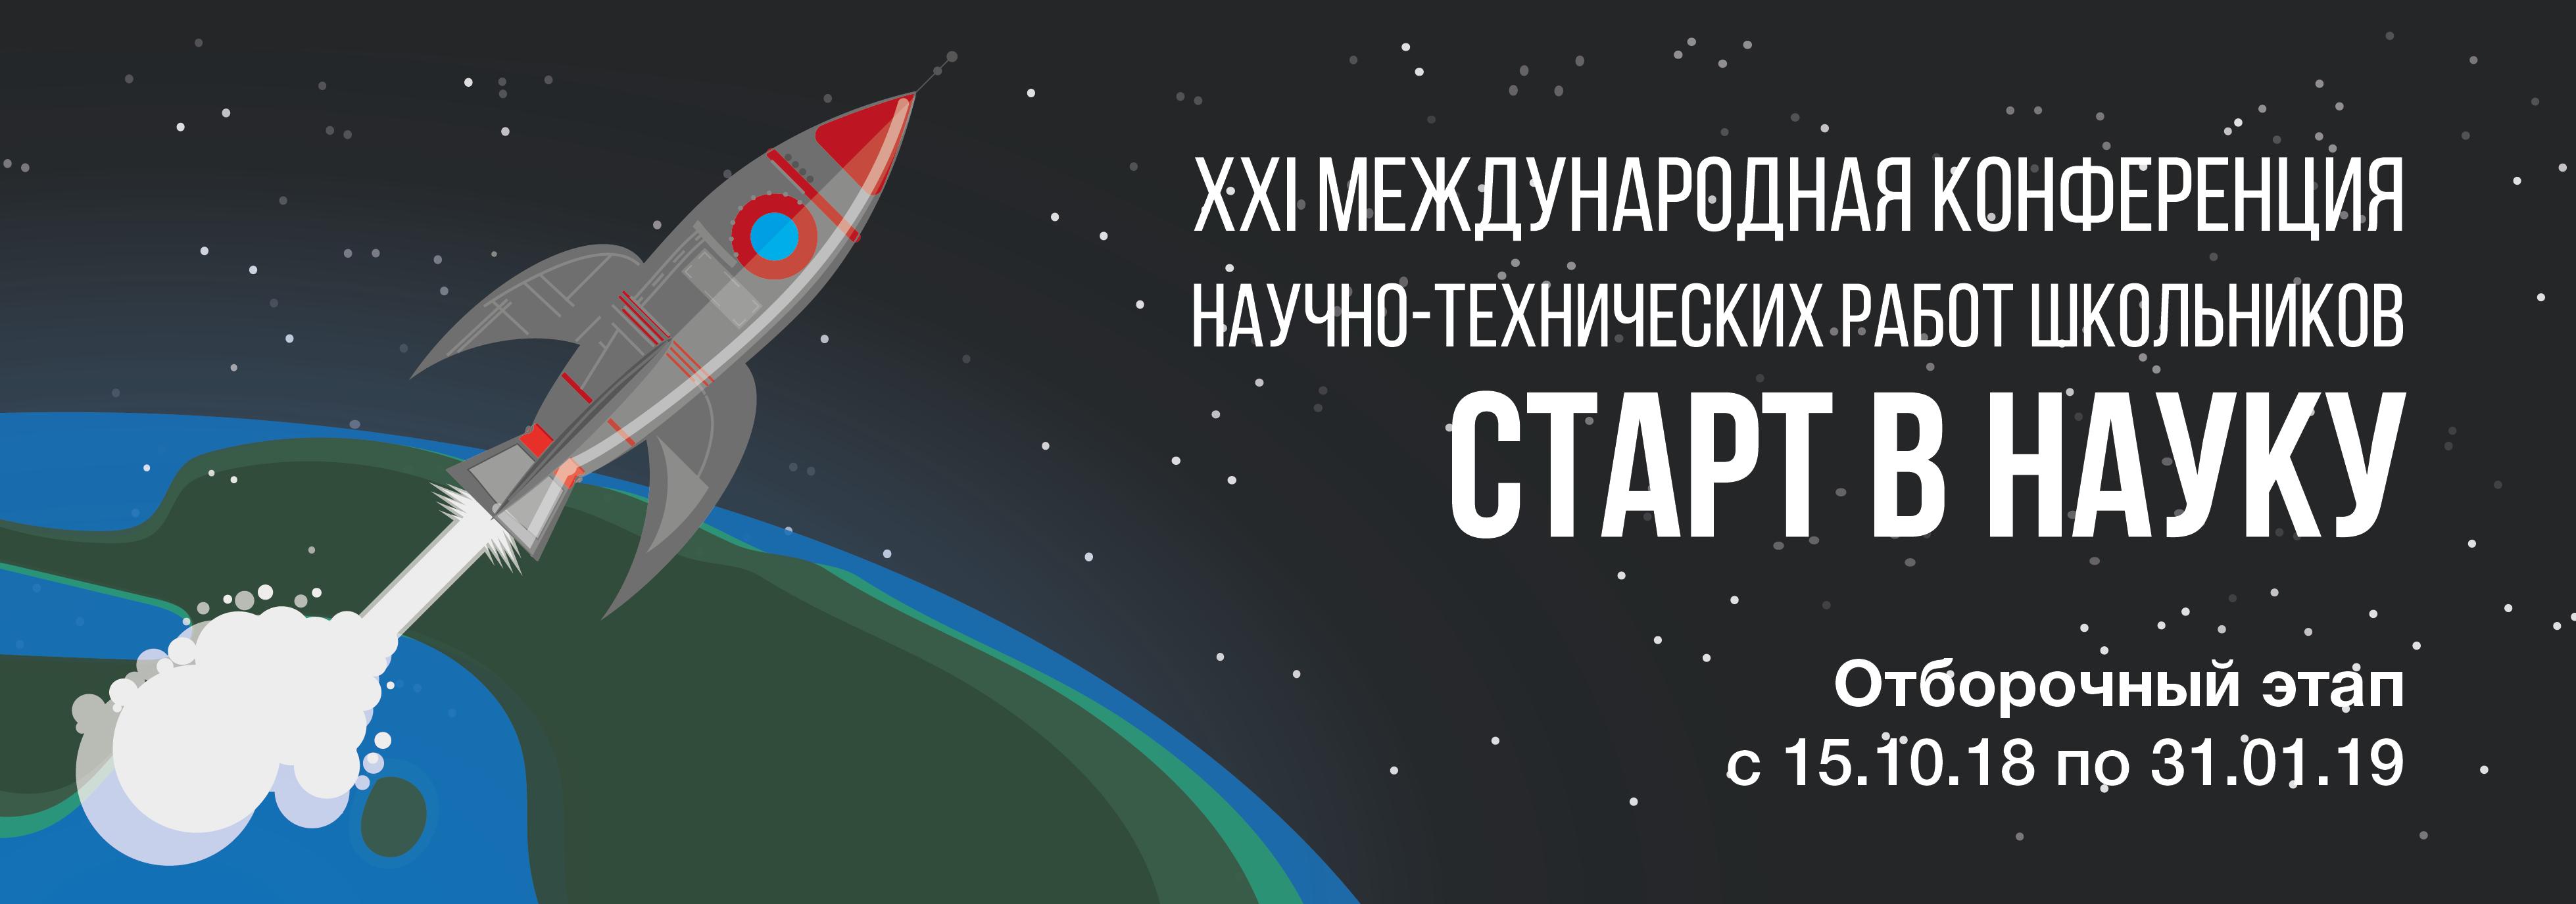 XXI Конференция